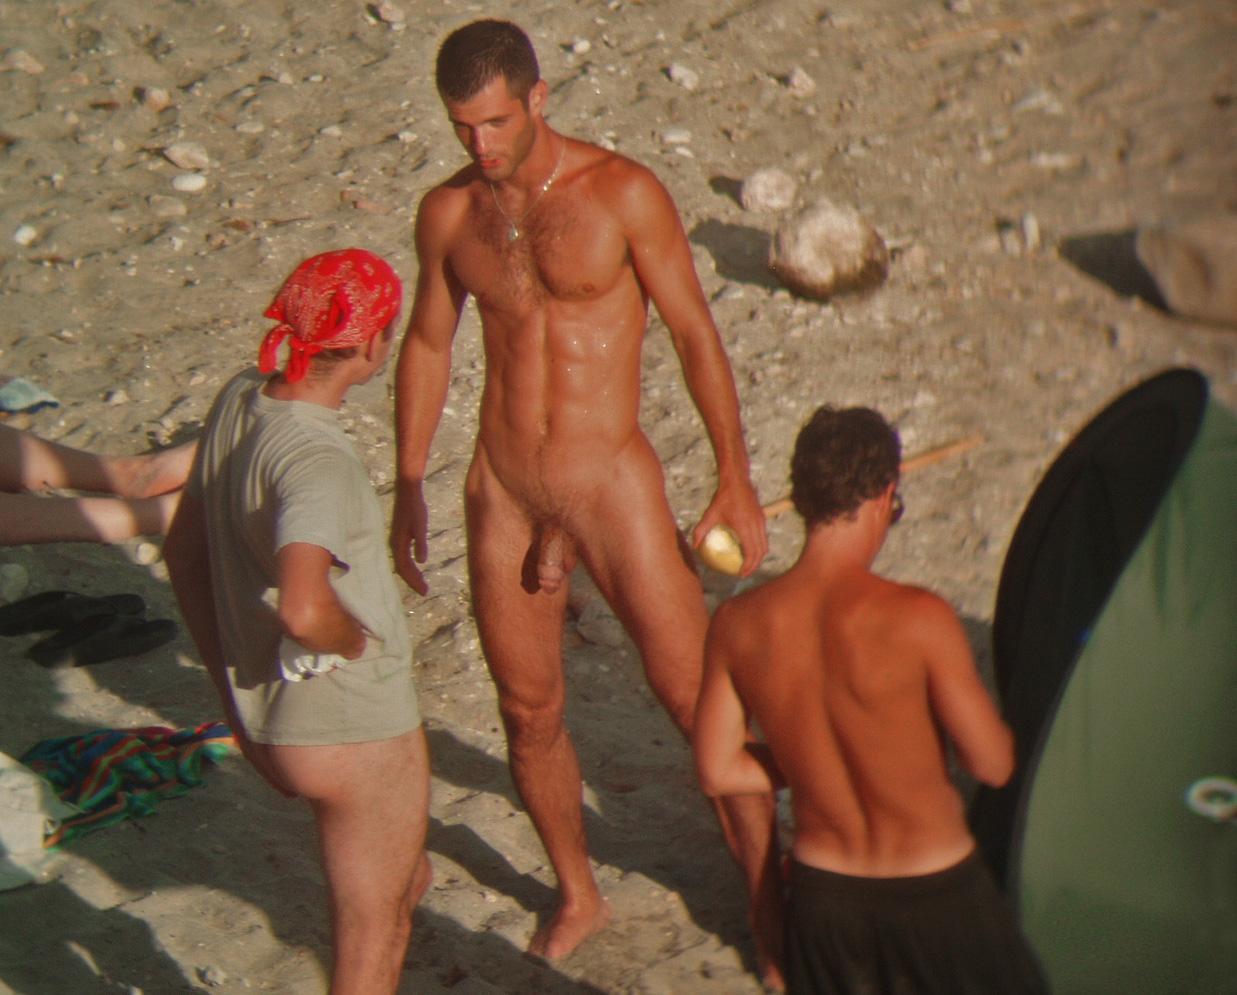 gay tumblr videos public nude